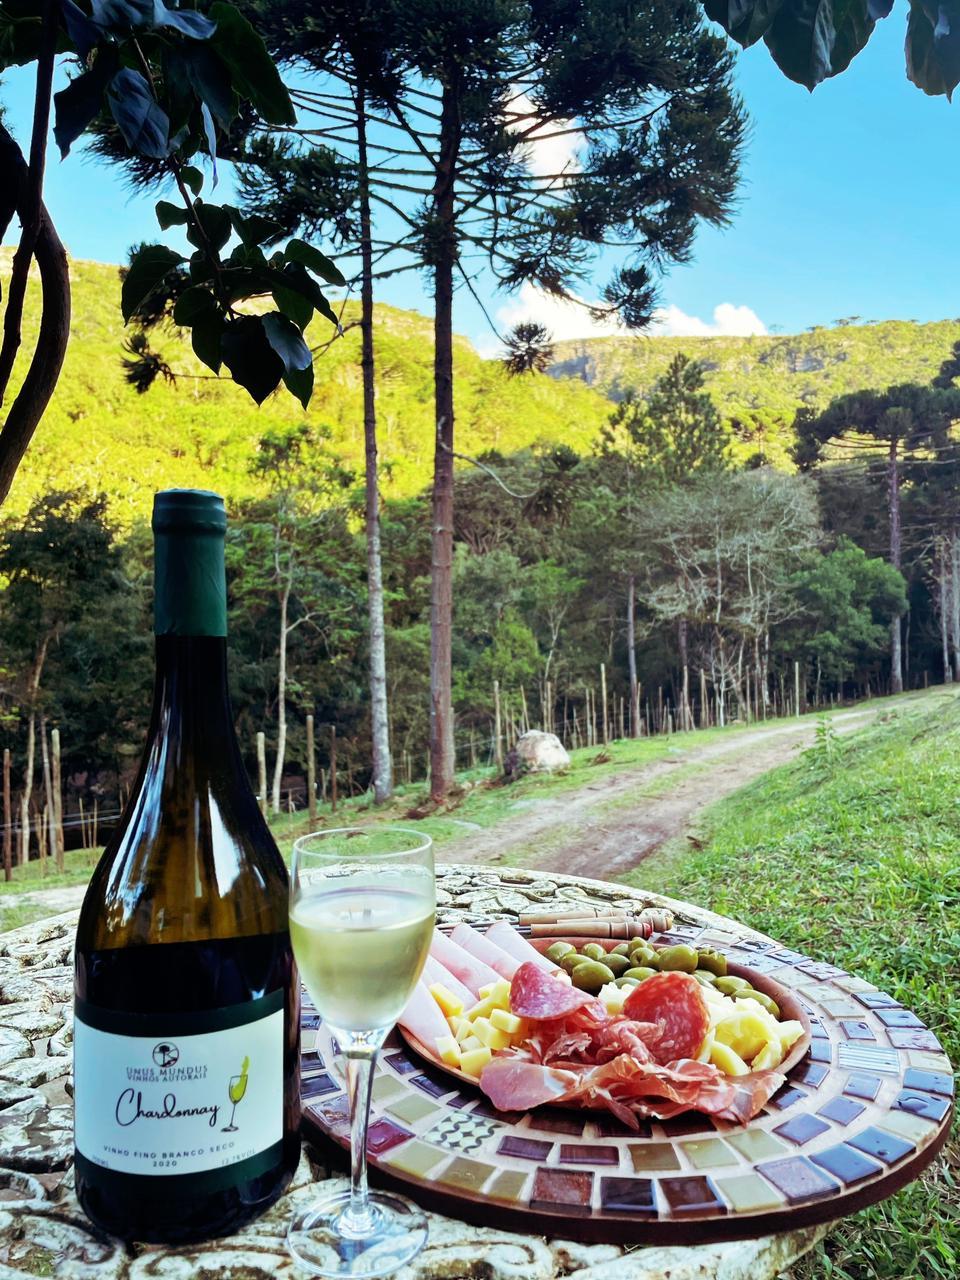 A Unos Mundos produz vinhos improváveis em São Luiz do Purunã.